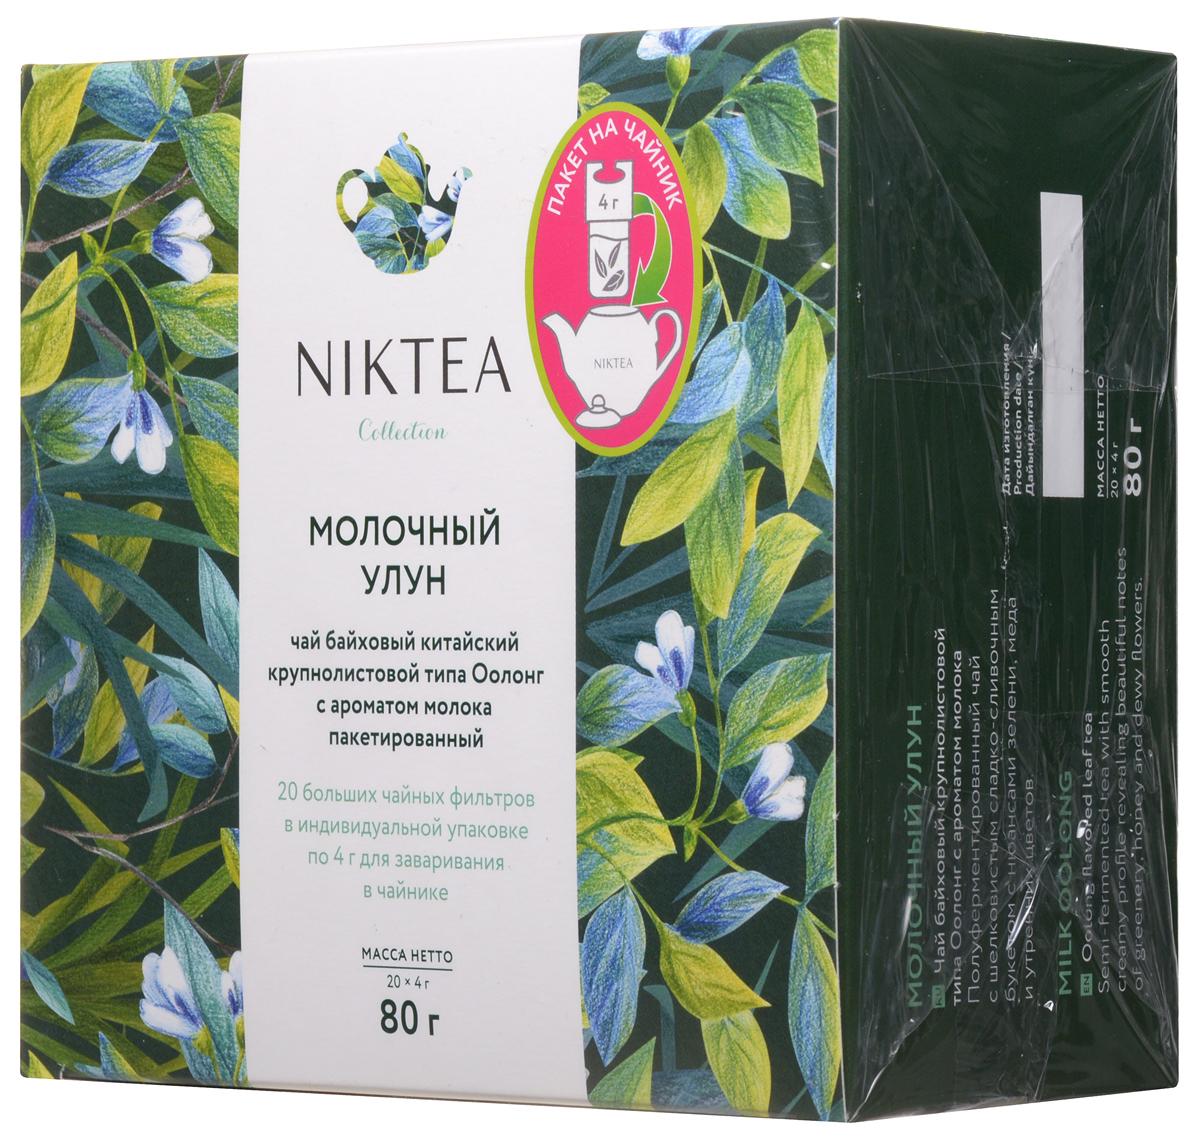 Niktea Milk Oolong чай зеленый для чайника, 20 пакетов по 4 гTALTHA-GP0002Niktea Milk Oolong - полуферментированный чай c шелковистым сладко-сливочным букетом с нюансами зелени, меда и утренних цветов. Коллекция NikTea разработана командой экспертов, имеющих богатый опыт в чайной индустрии. Во время ее создания выбирались самые надежные поставщики из Европы и стран происхождения чая, а в линейку включили не только топовые аутентичные позиции, но и новые интересные рецептуры в традициях современной чайной миксологии. NikTea - это действительно качественный чай. Для истинных ценителей мы предлагаем безупречное качество: отборное сырье, фасовку на высокотехнологичном производственном комплексе в России, постоянный педантичный контроль готового продукта, а также сертификацию сырья по международным стандартам. NikTea - это разнообразие. В линейках листового и пакетированного чая представлены все основные группы вкусов - от классического черного и зеленого чая до ароматизированных, фруктовых и травяных композиций....